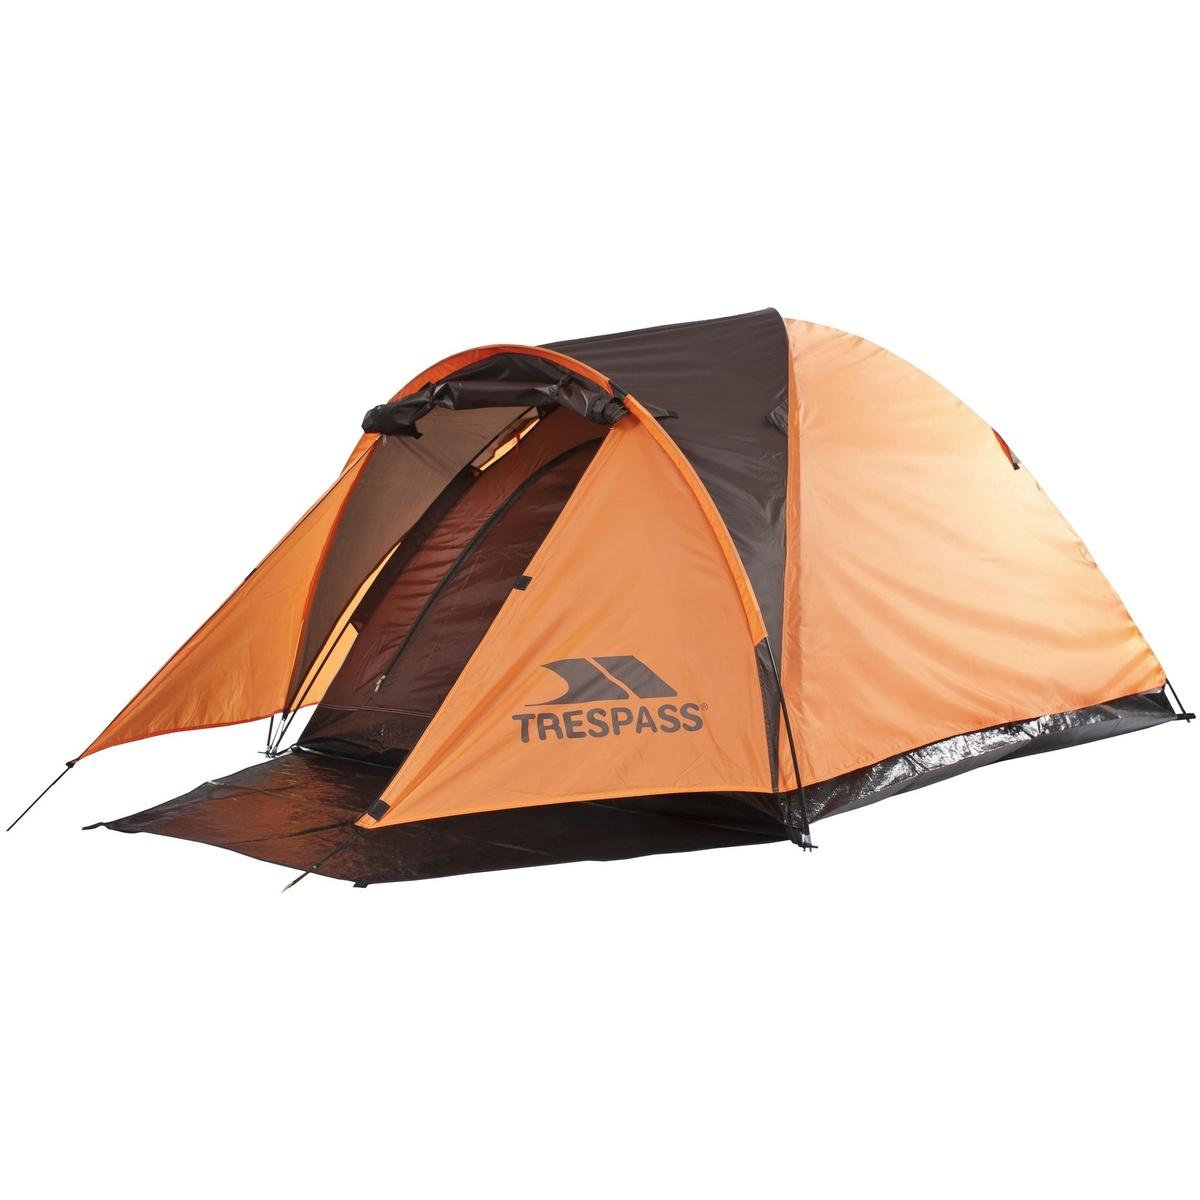 (トレスパス) Trespass Tarmachan 2人用 ダブルスキン テント キャンプ アウトドア 【海外直送】